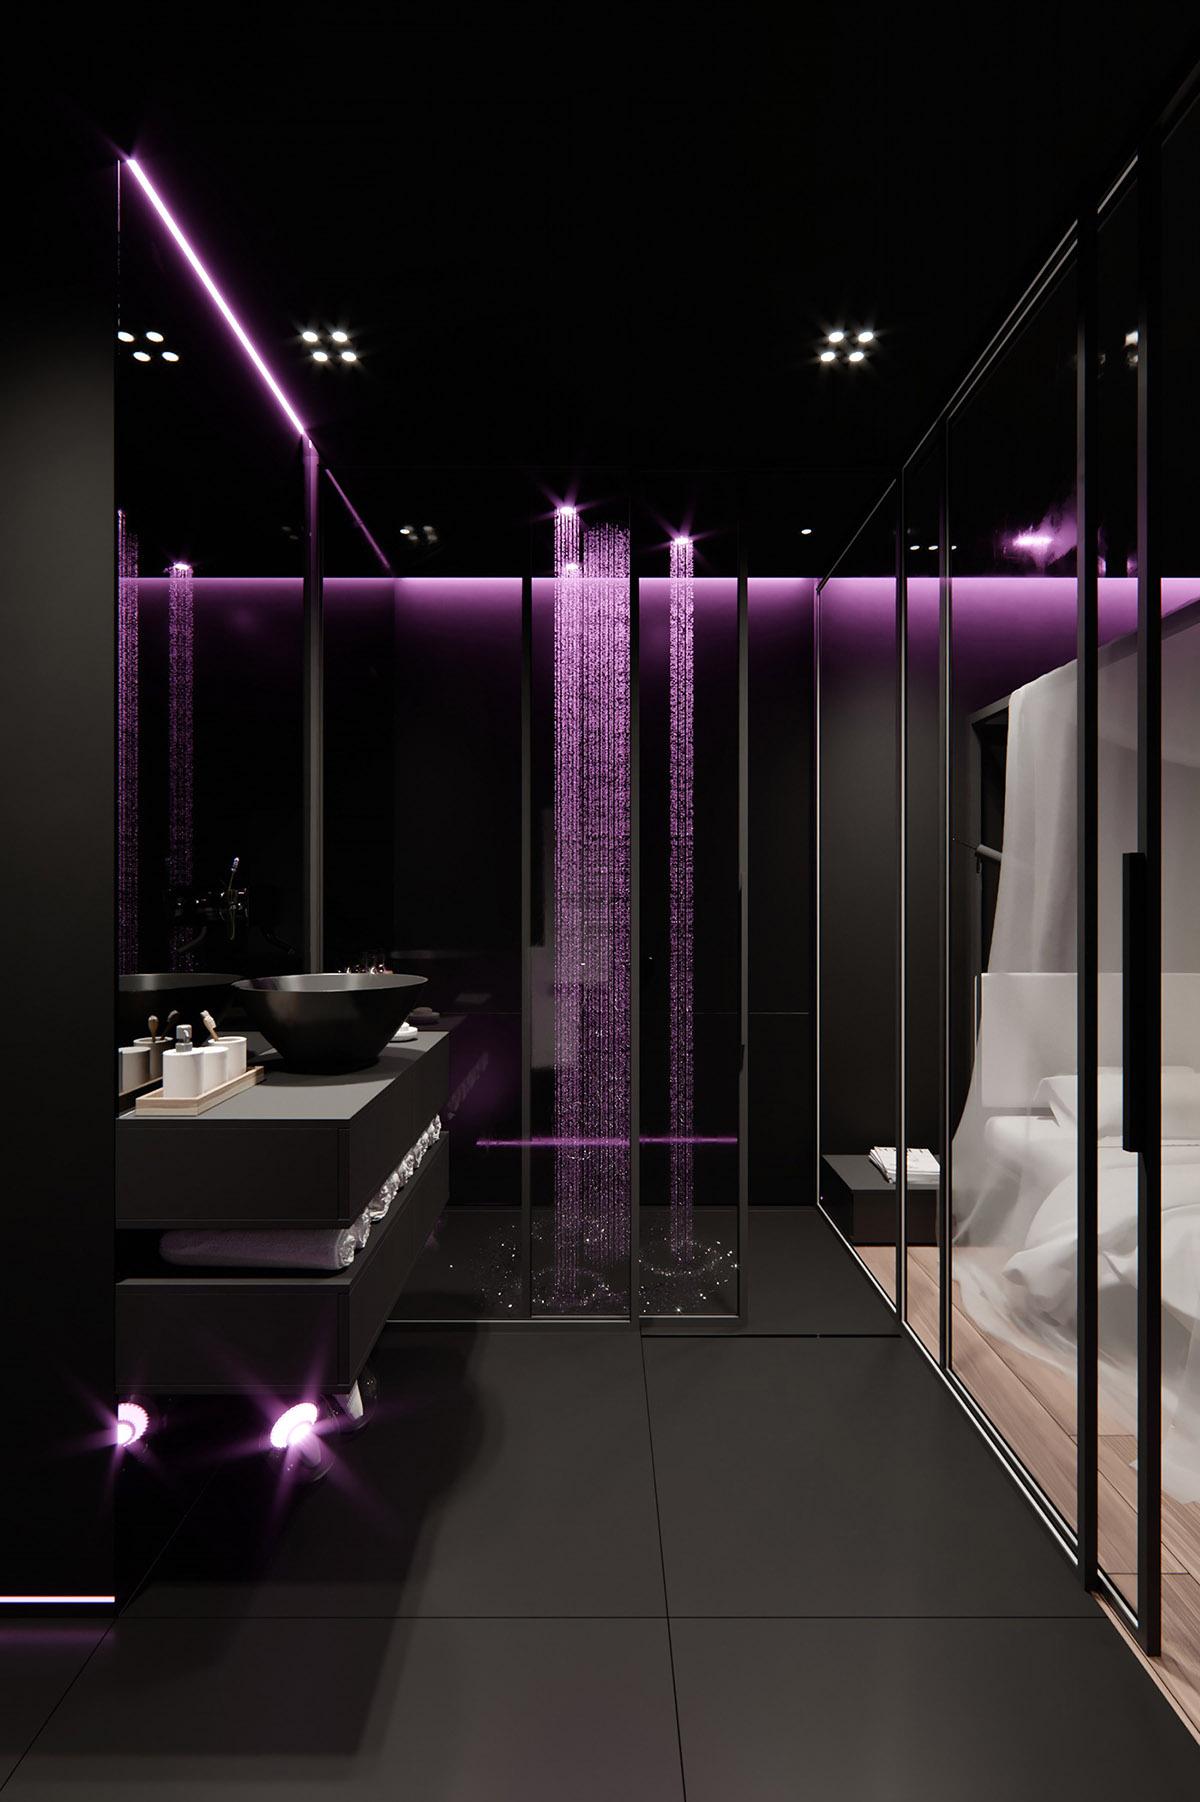 Sử Dụng Tông Màu Tối Để Làm Nổi Bật Căn Phòng Thêm Phần Sang Trọng - Colour changing shower heads